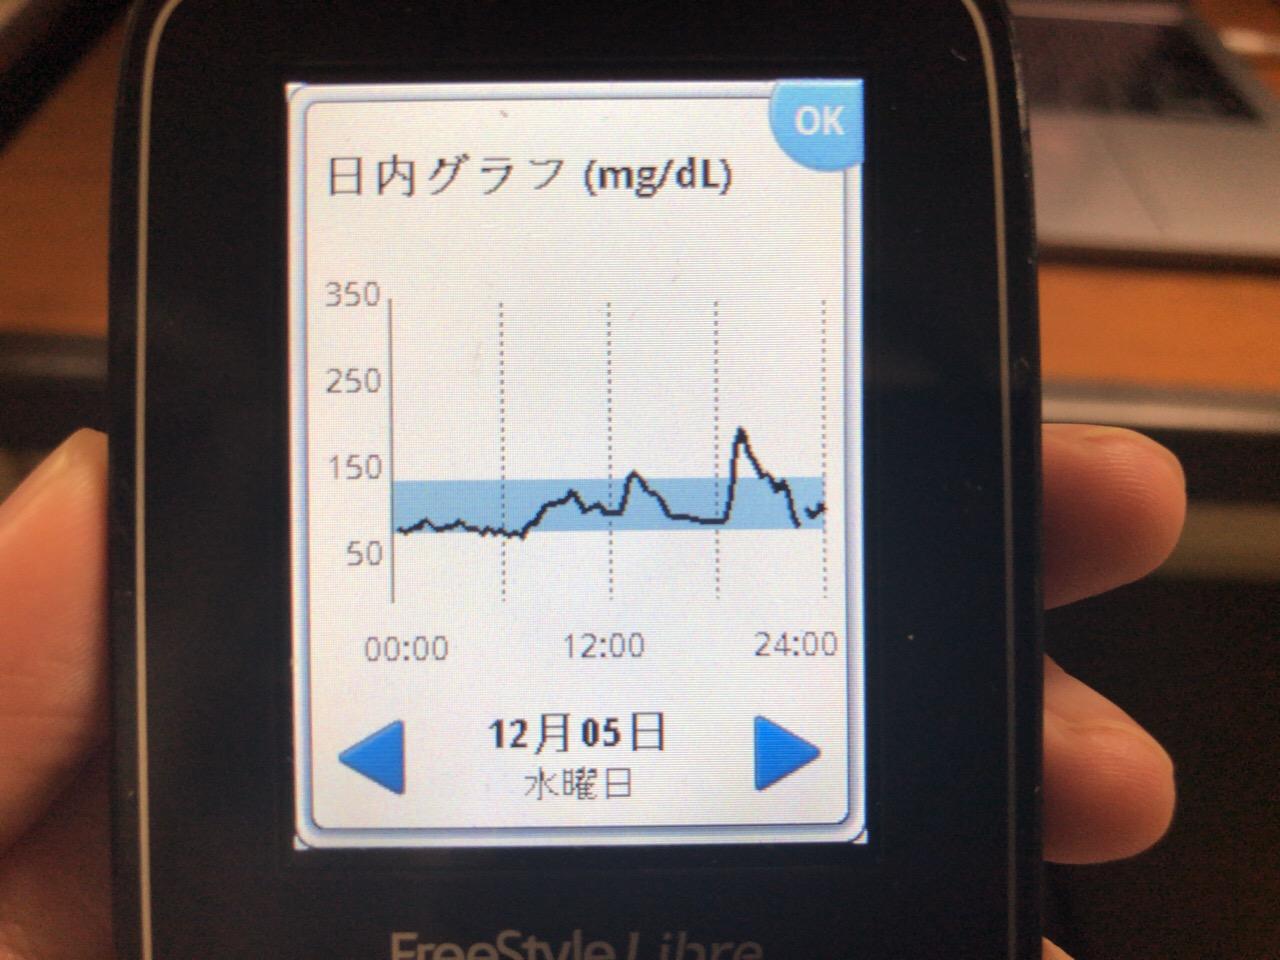 のど飴1個での血糖上昇はわずかだと確認し,病棟の居残り当番でチキンカツ+ごはんが鋭く血糖値を上げて,さらにチョコバナナパウンドケーキまで食べてしまった1日 糖尿病内科医のフリースタイルリブレ自己血糖記録